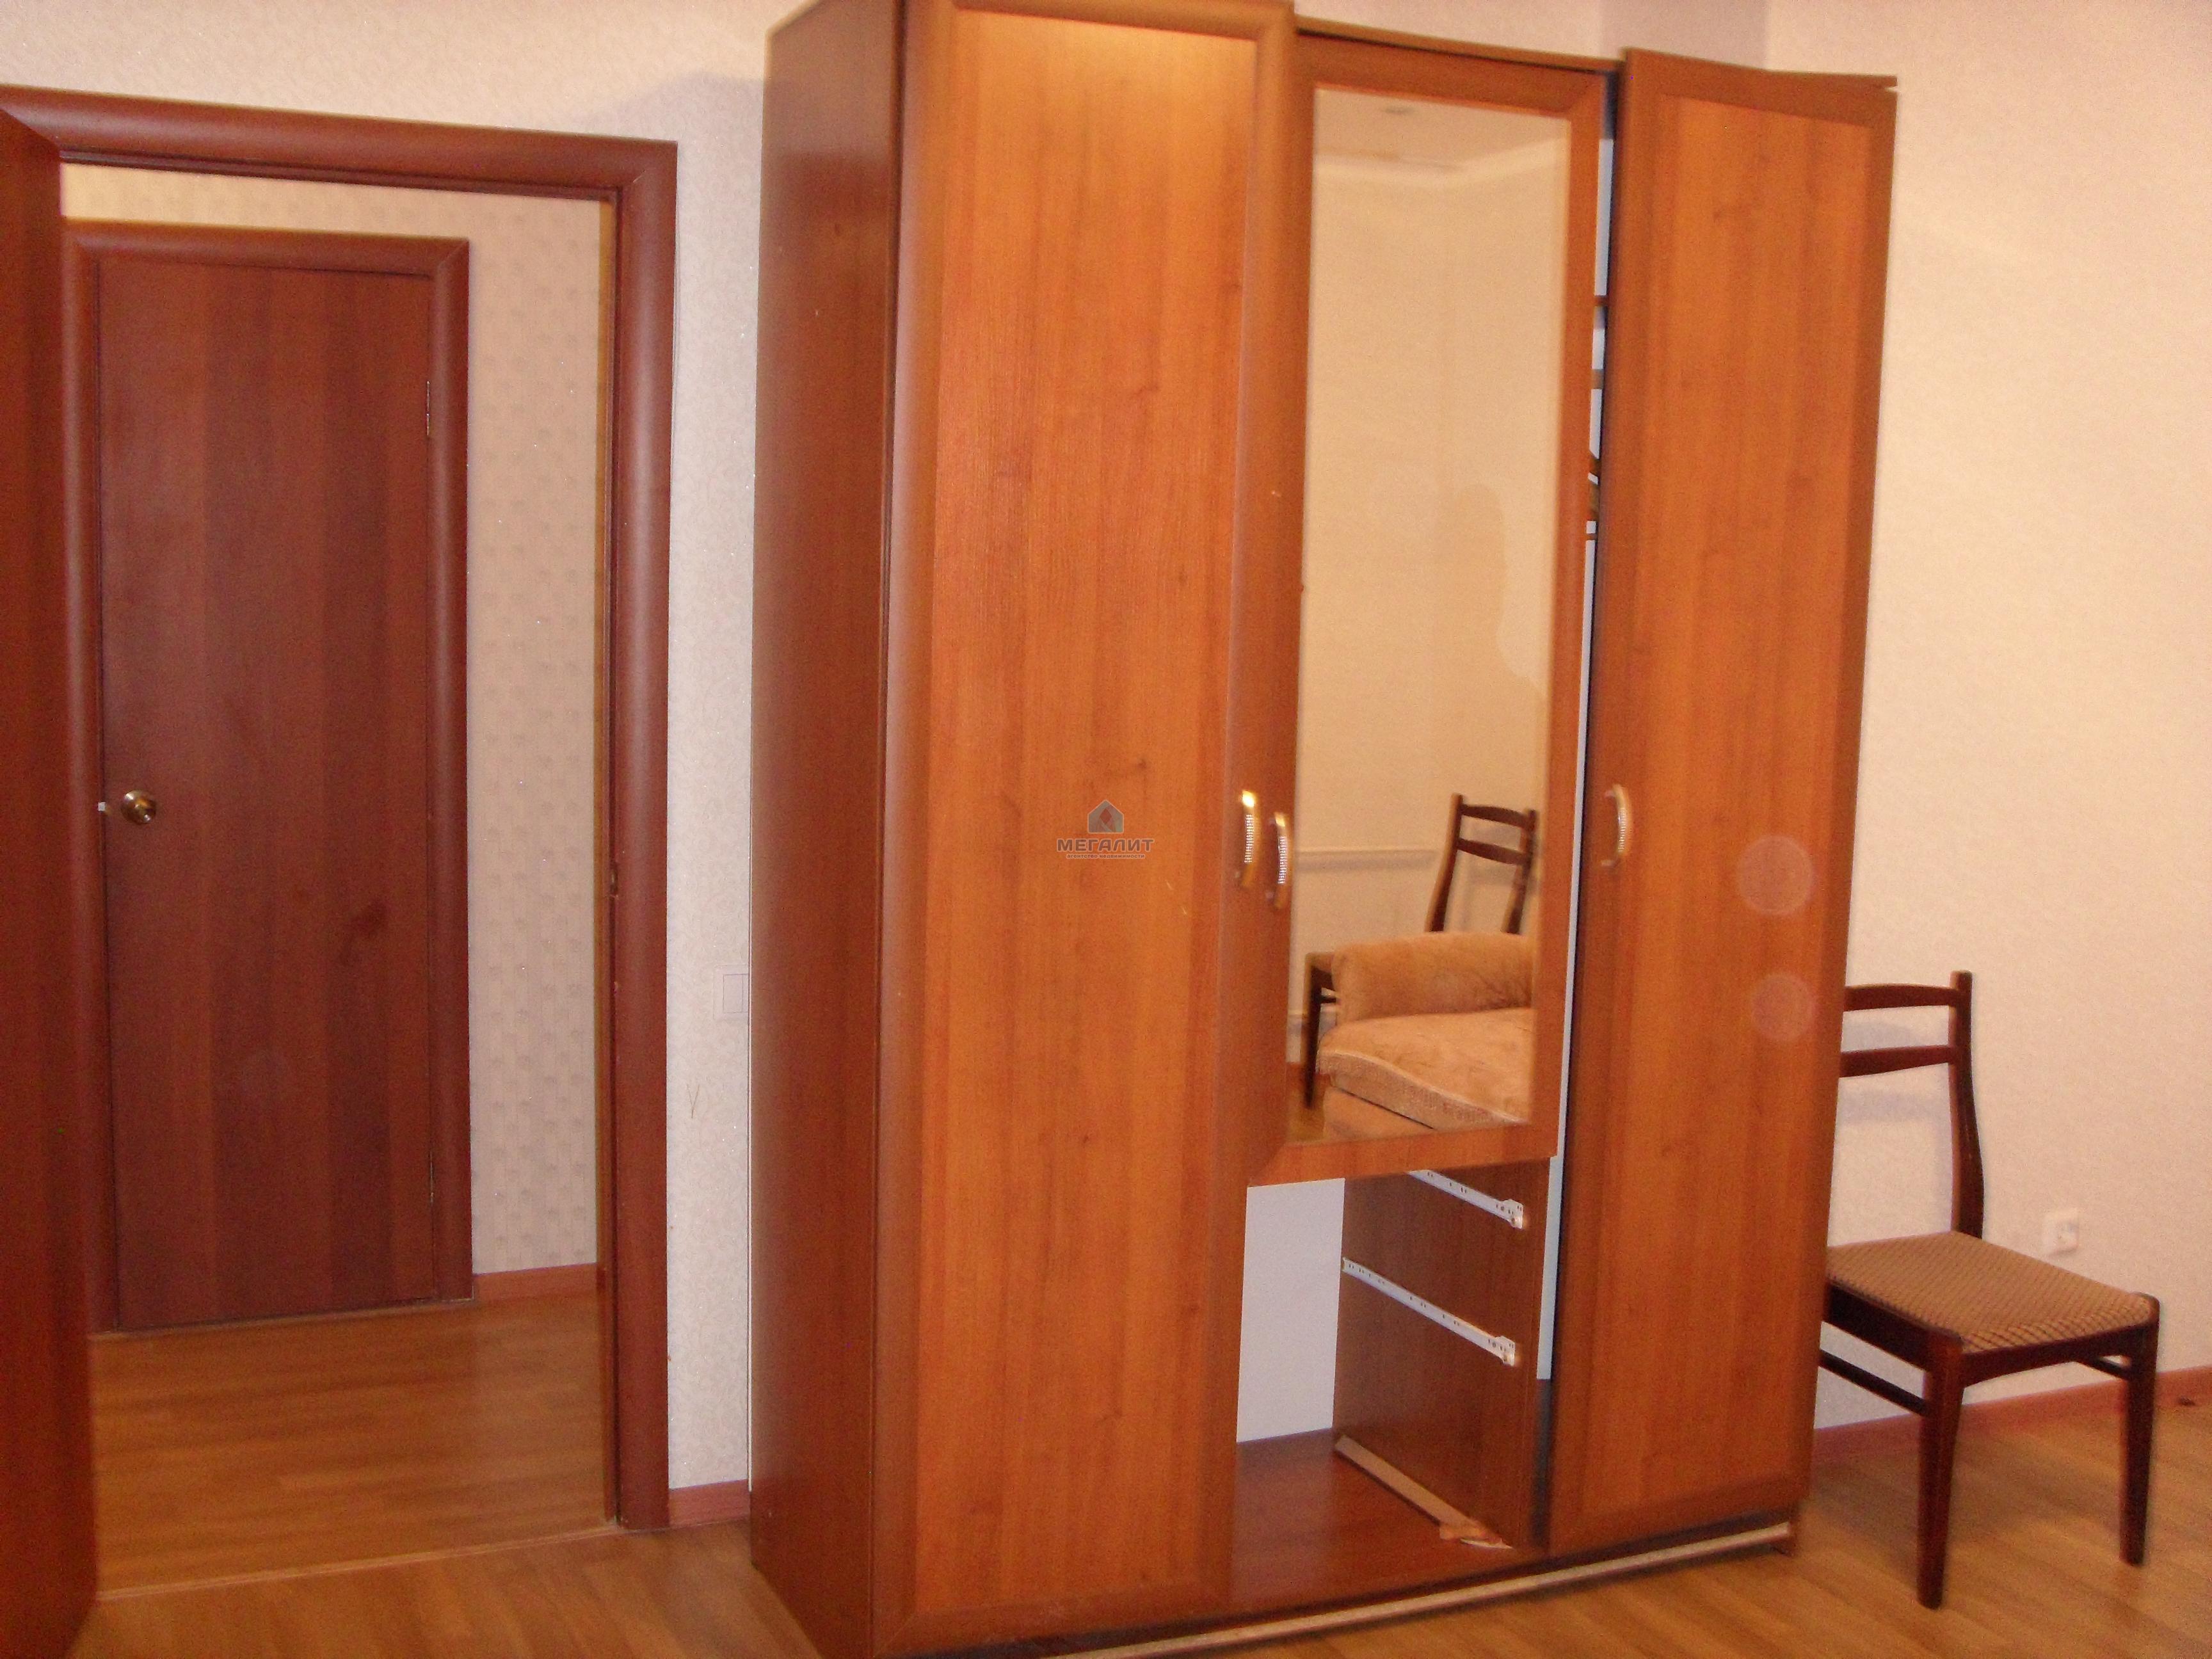 Аренда 3-к квартиры Альберта Камалеева 16, 70 м²  (миниатюра №8)